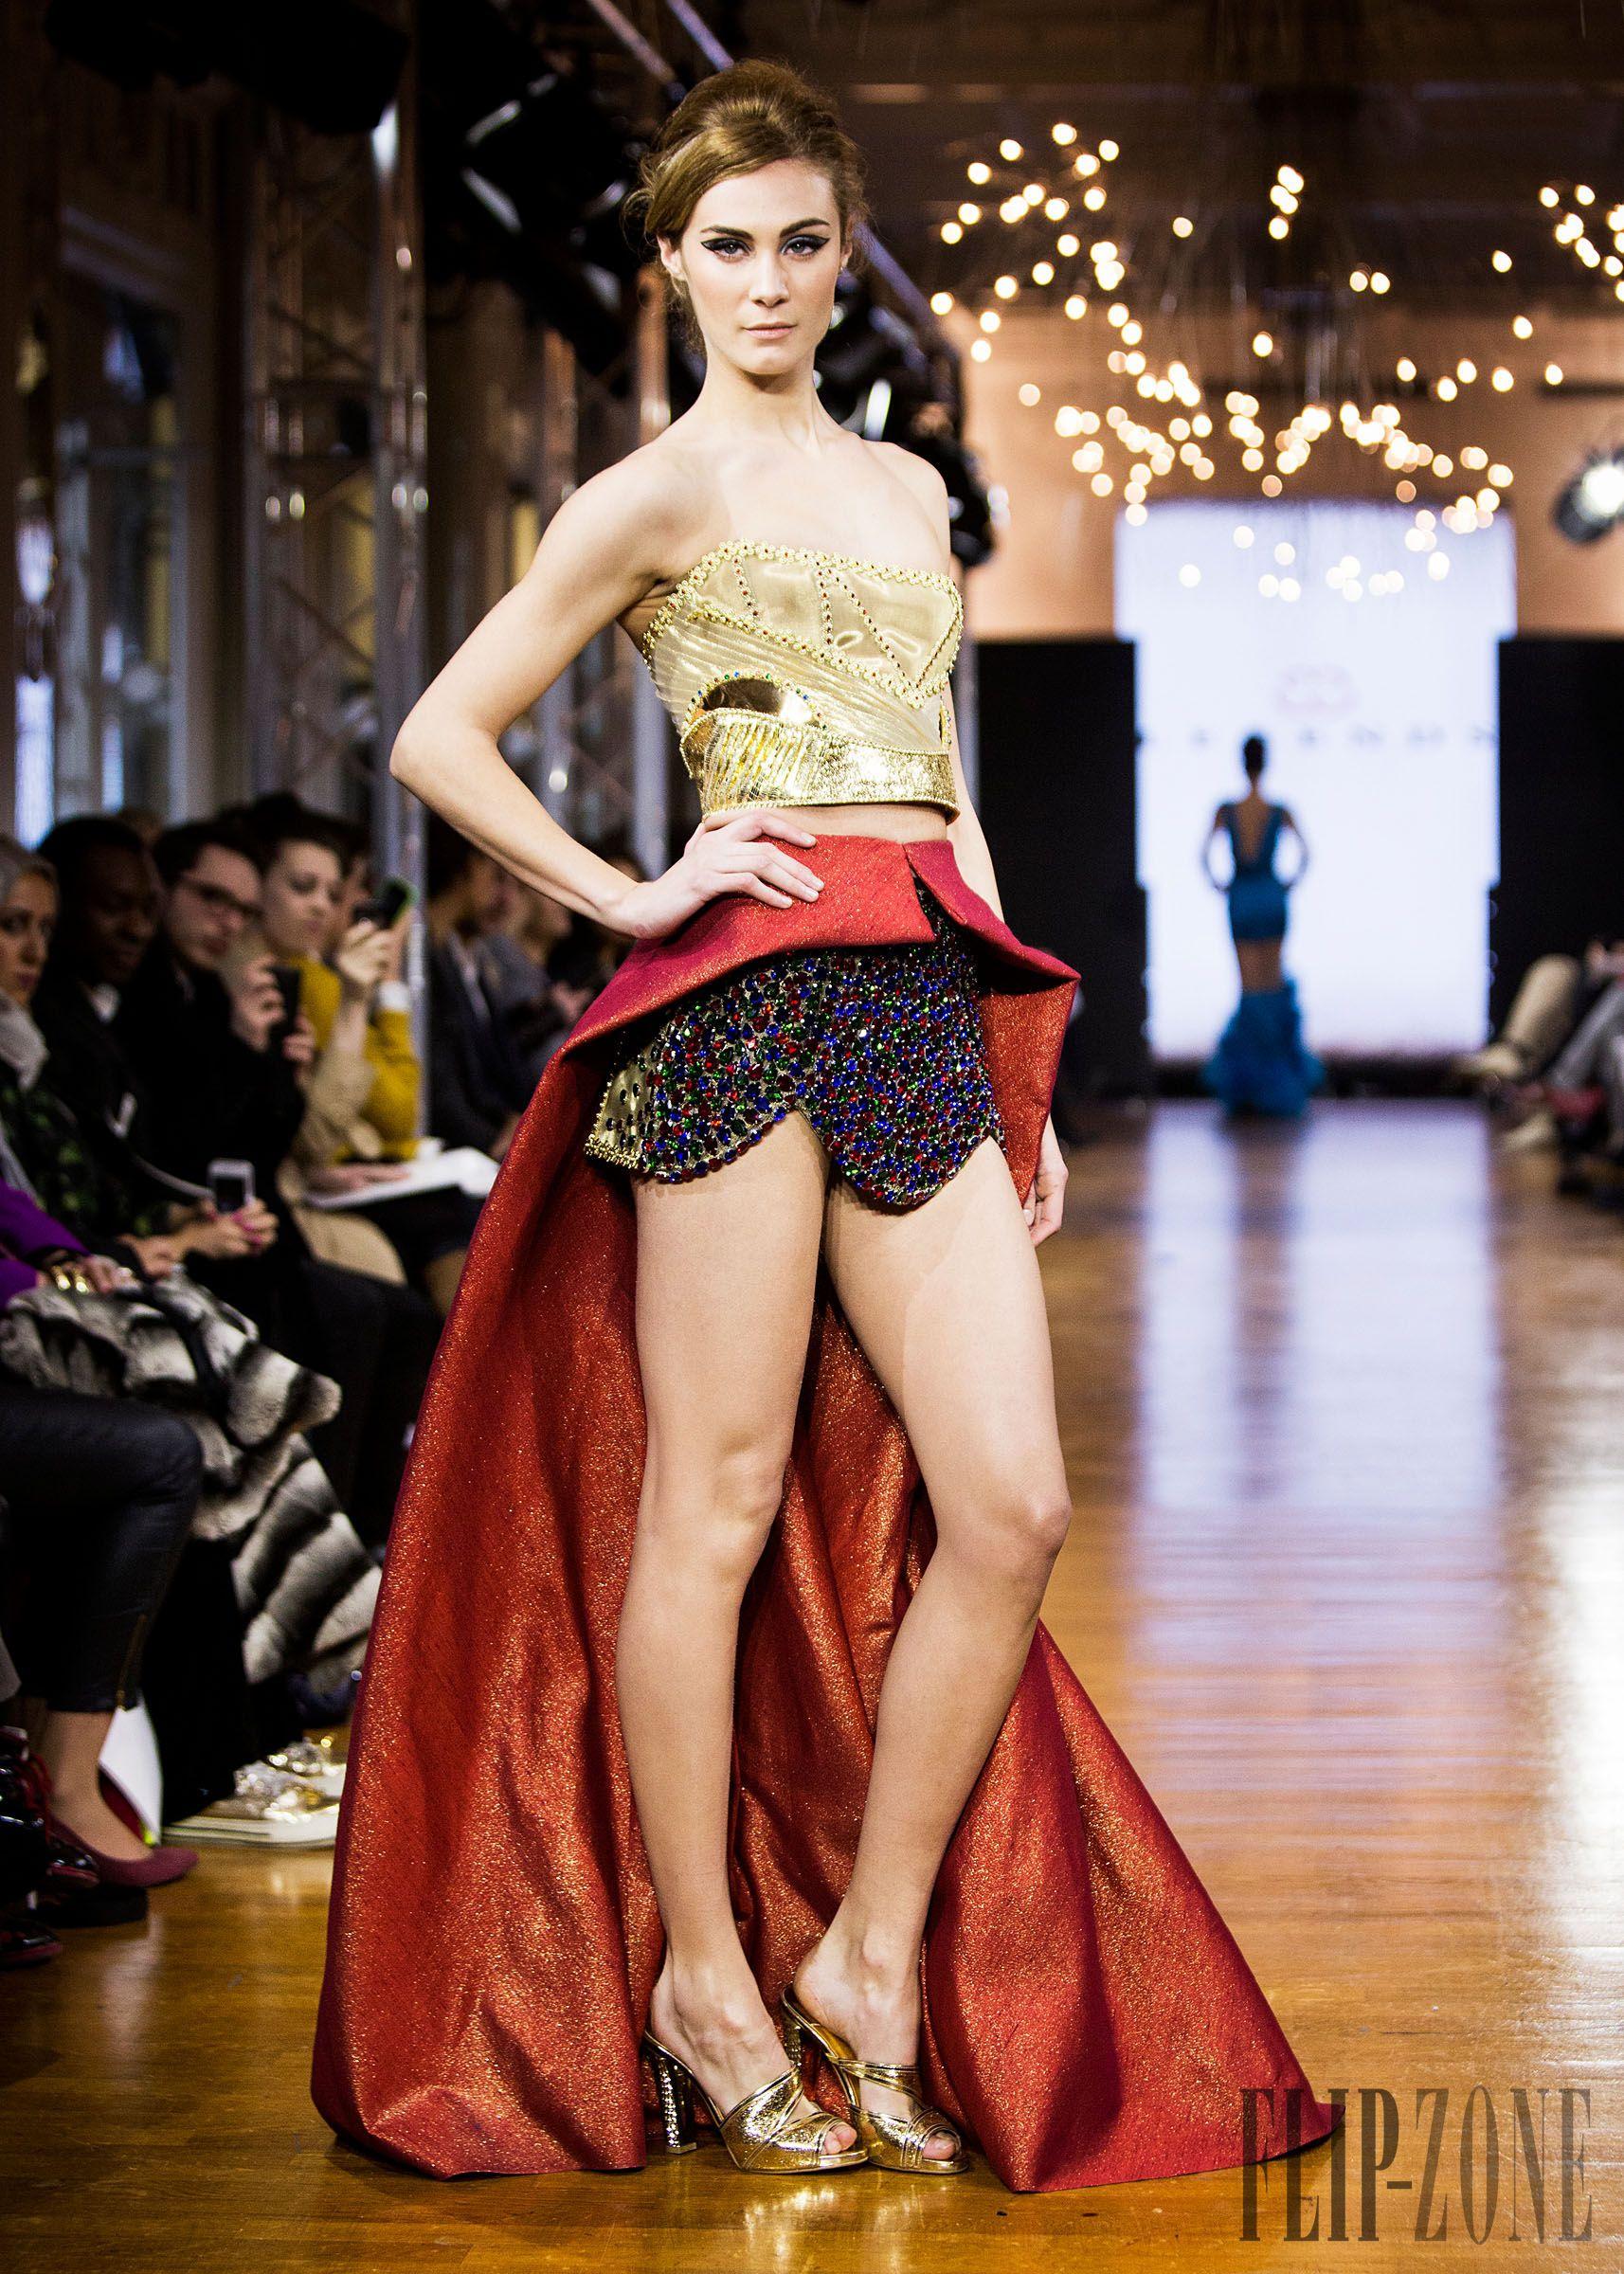 Legends by Bilal Barrage Printemps-été 2014 - Haute couture - http://fr.flip-zone.com/legends-by-bilal-barrage-4505